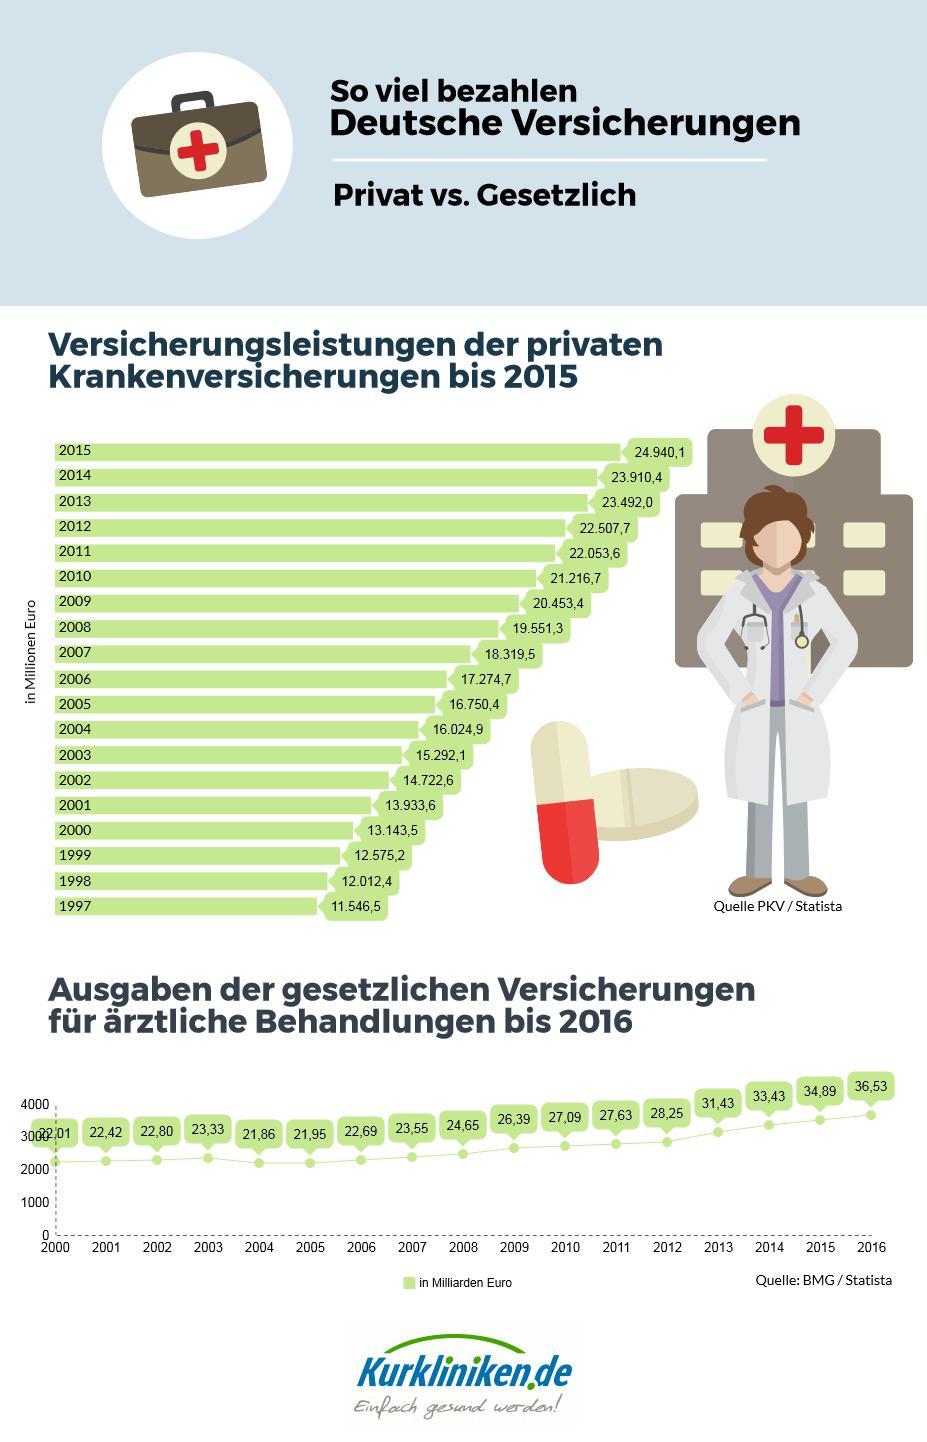 Im Vergleich geben die gesetzlichen Krankenversicherungen jährlich mehr Geld aus als die privaten.